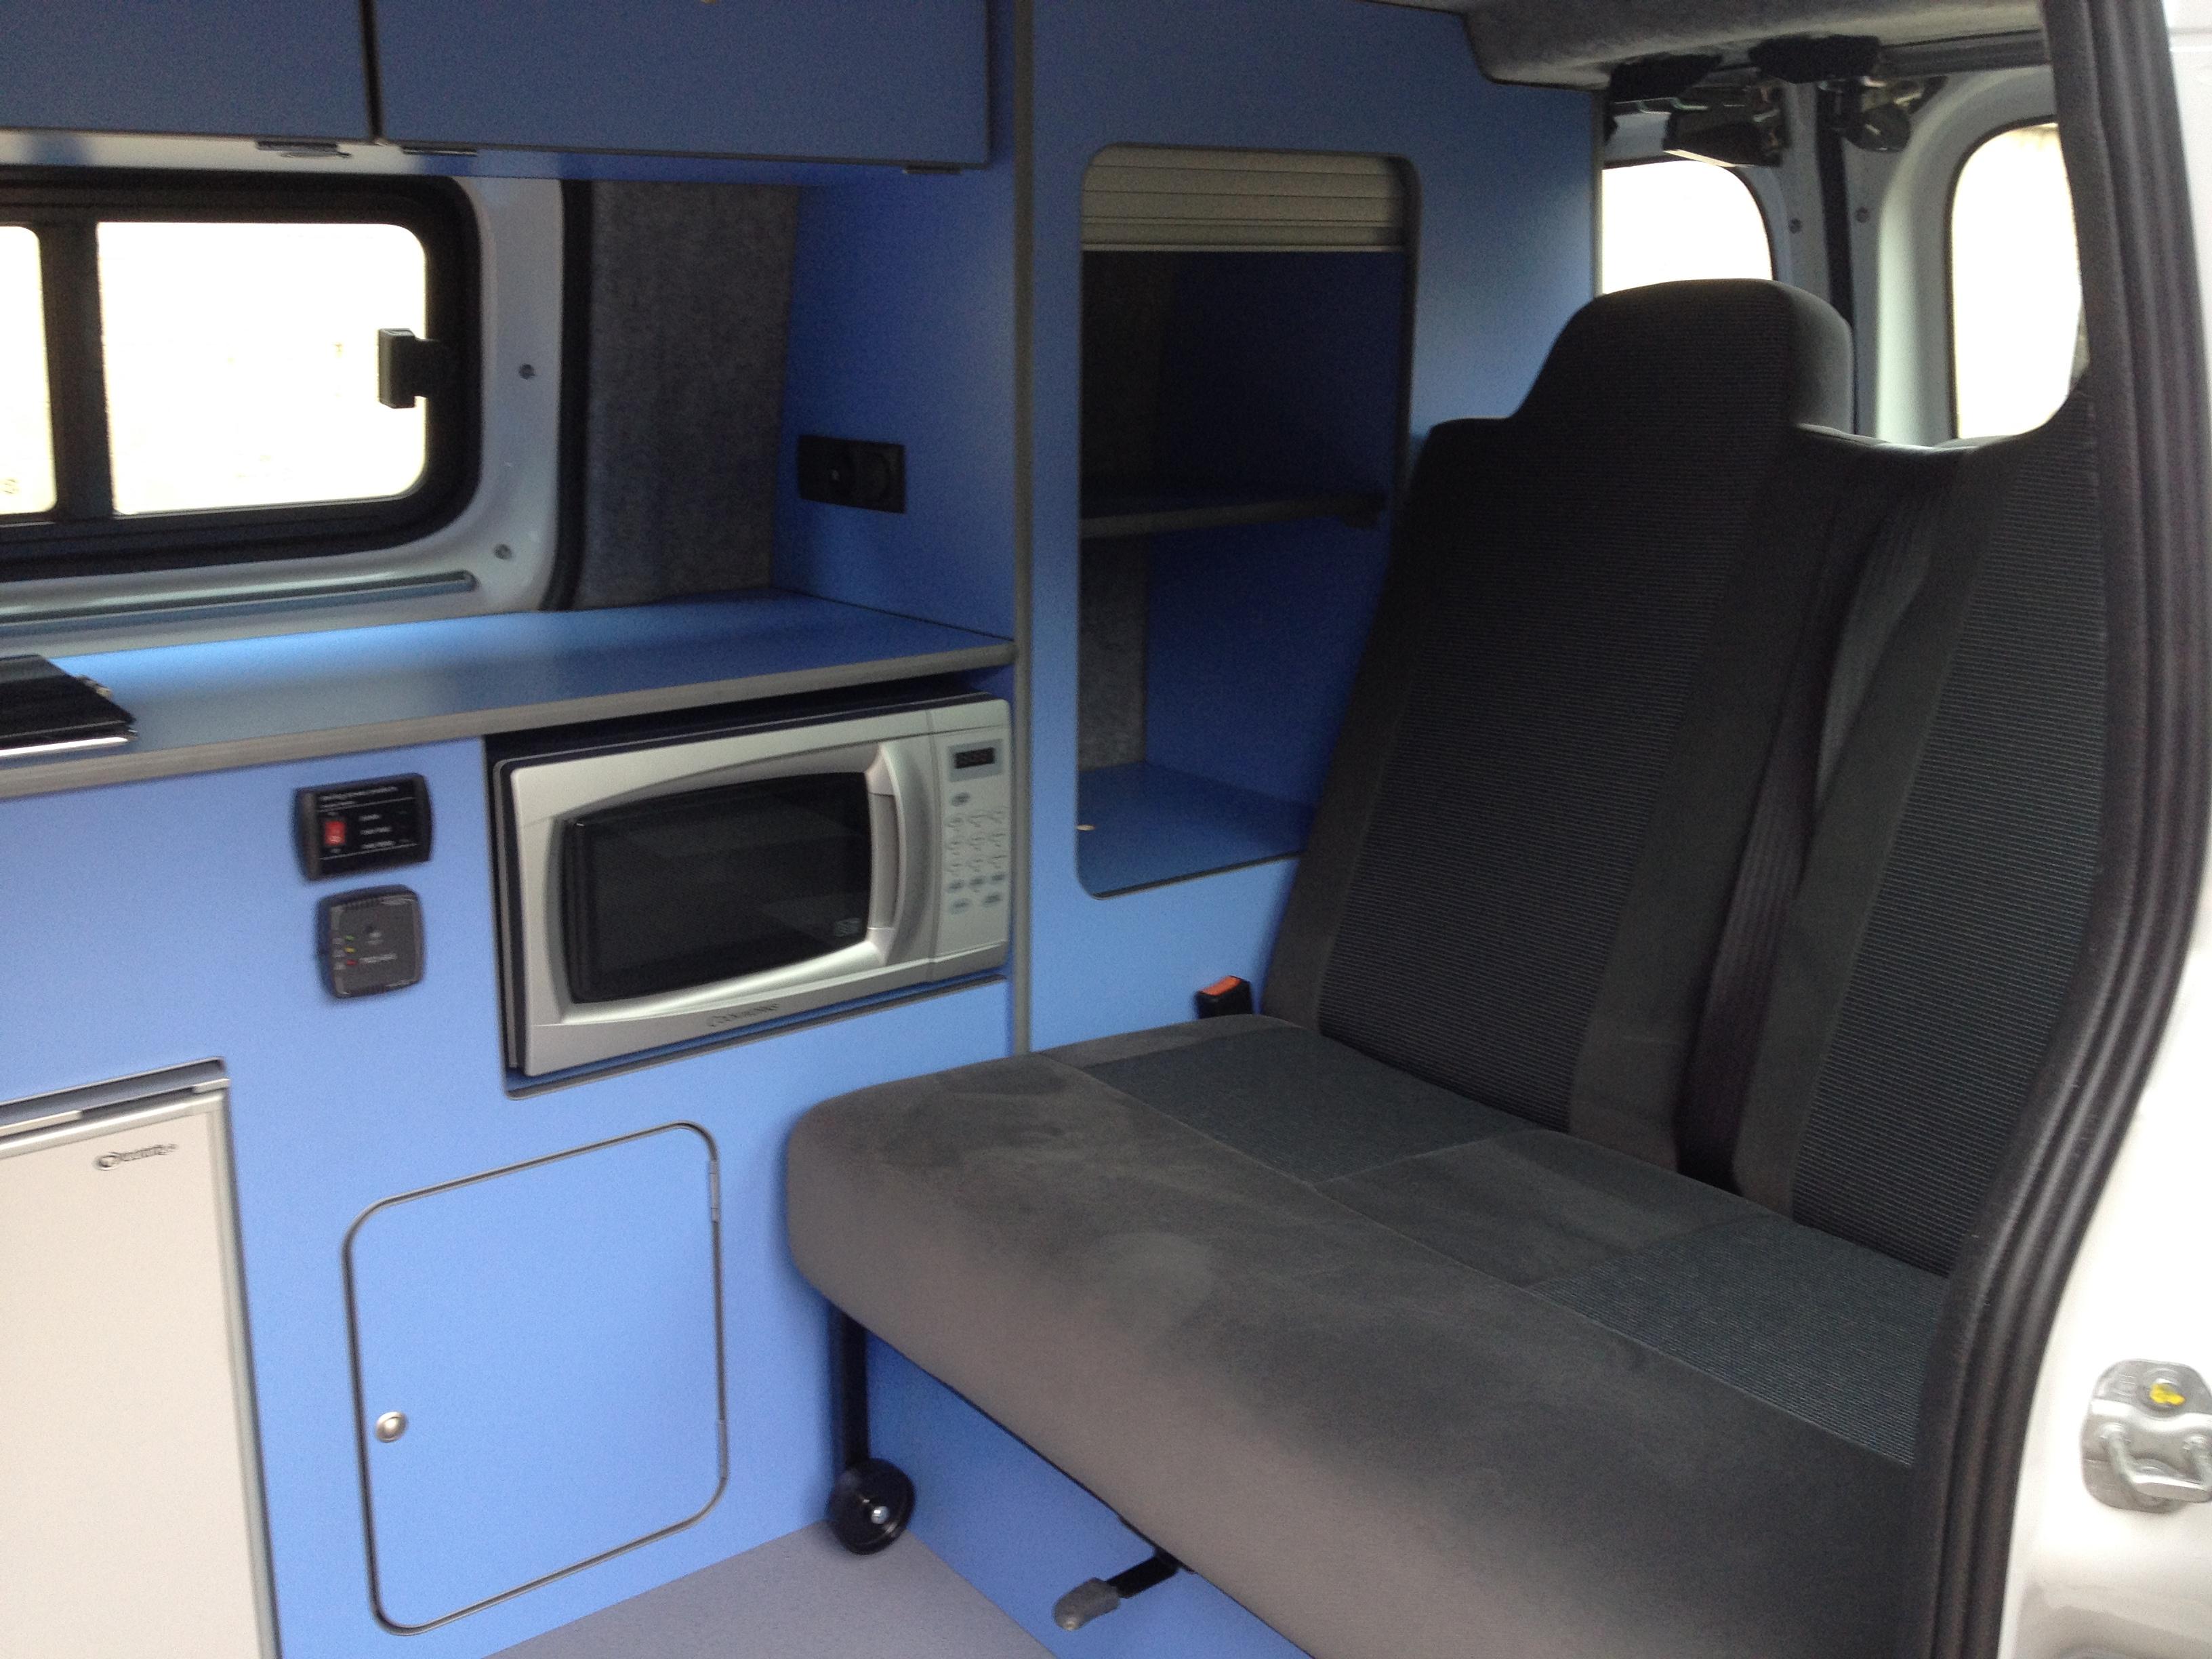 Nissan Nv200 Campervan Conversion